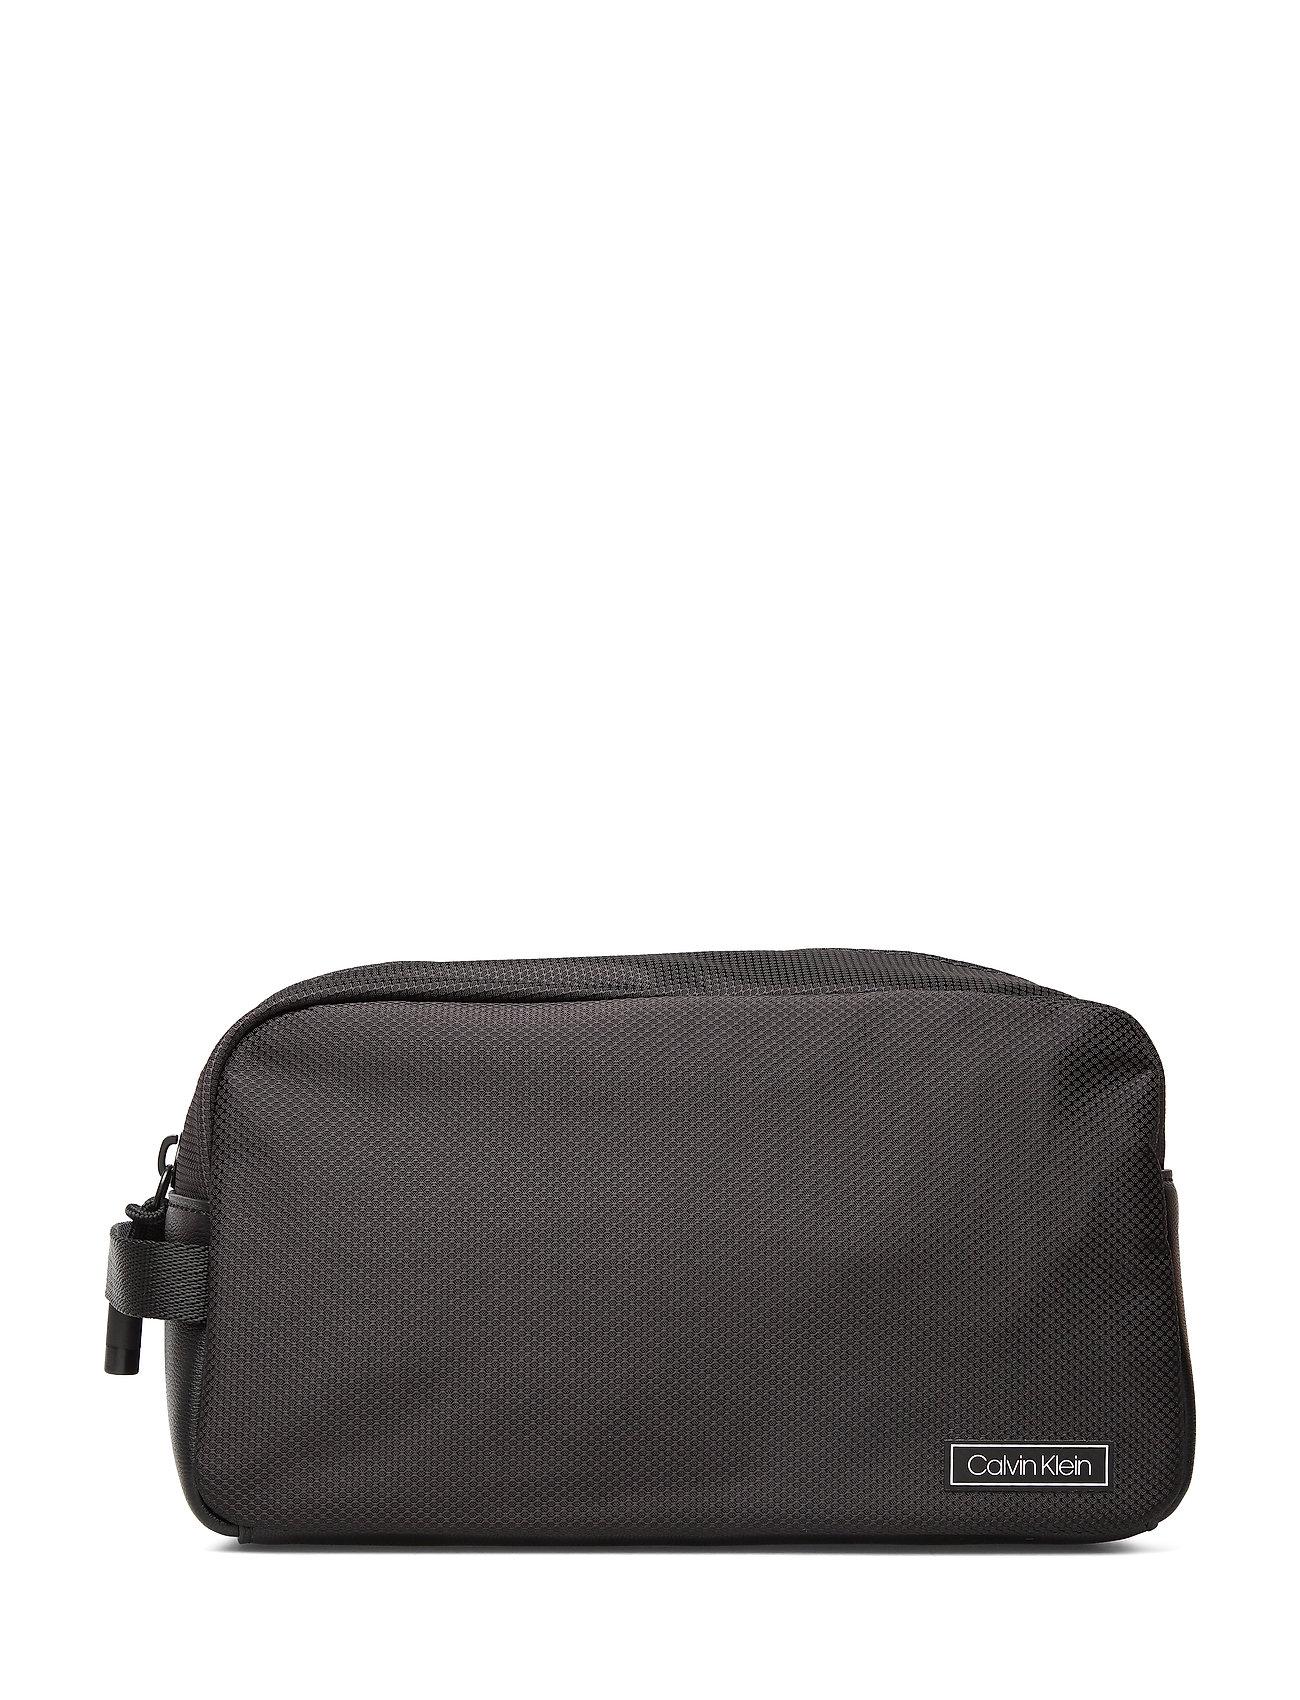 Calvin Klein CK PRO WASHBAG - BLACK